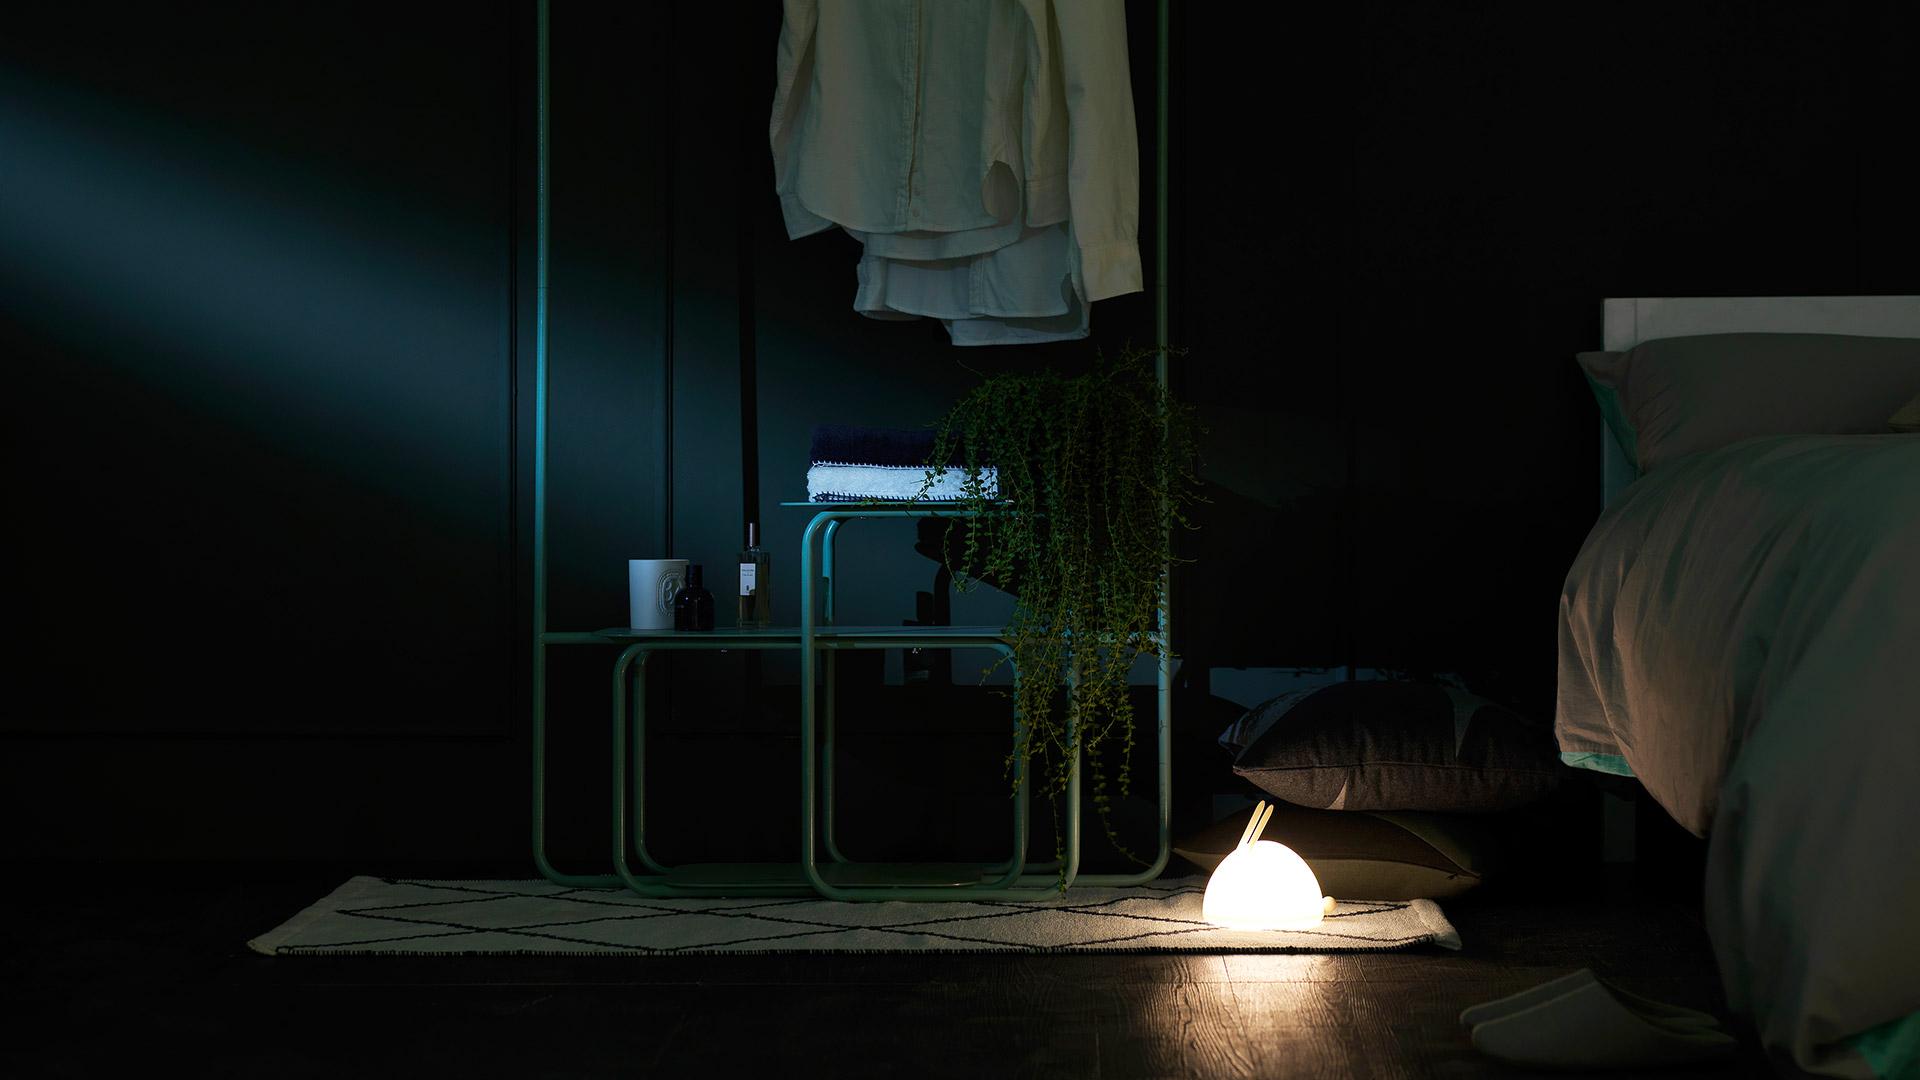 作为光感舒适的小夜灯,夜晚下床时更加轻松与安全,解救在黑暗中摸索开关的双手,且不影响身边熟睡的TA。